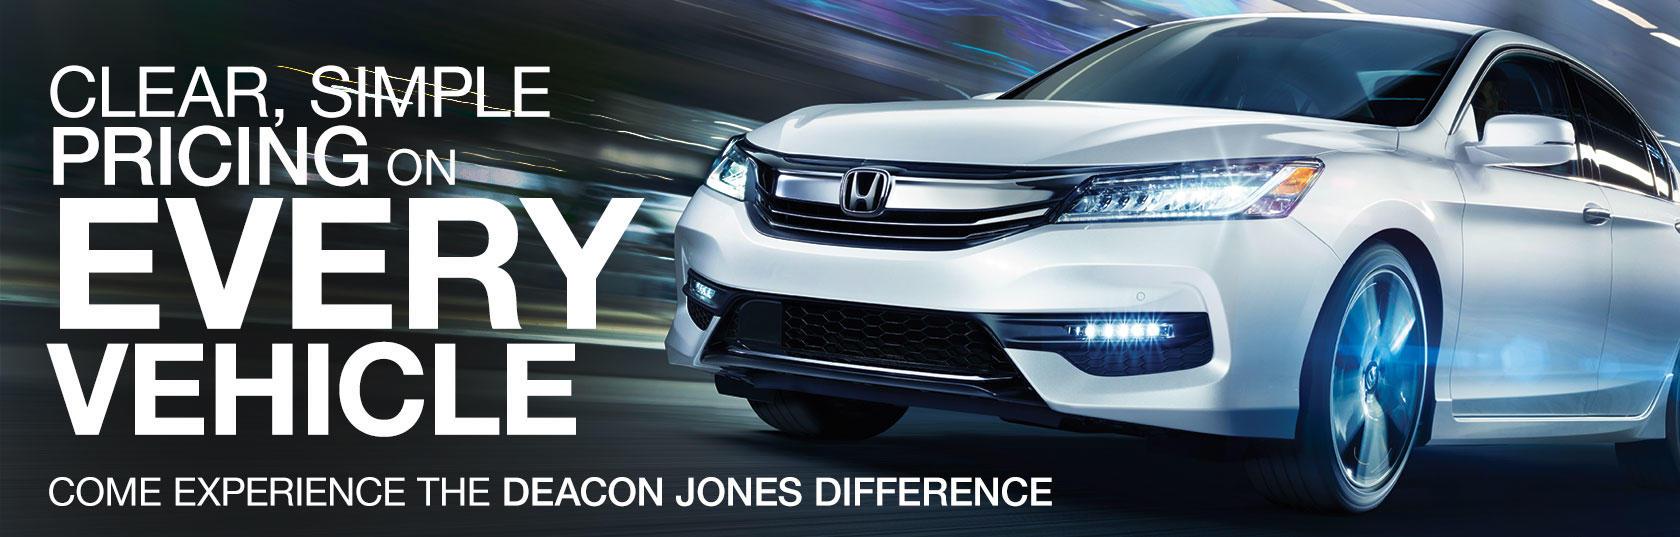 Deacon Jones Nissan >> Deacon Jones Used Car Superstore of Greenville NC